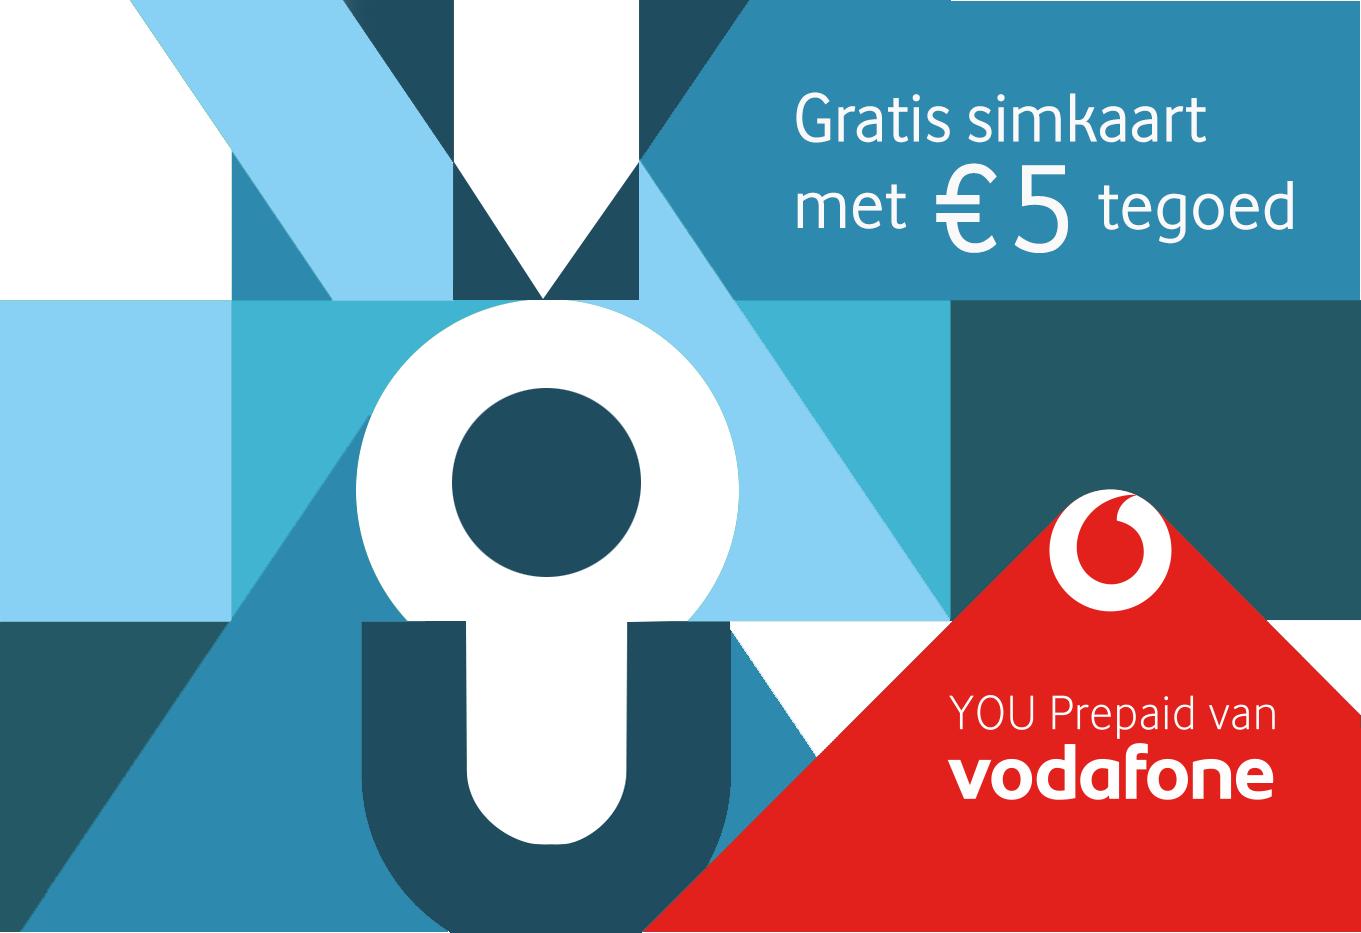 Gratis Vodafone simkaart met € 5.- beltegoed